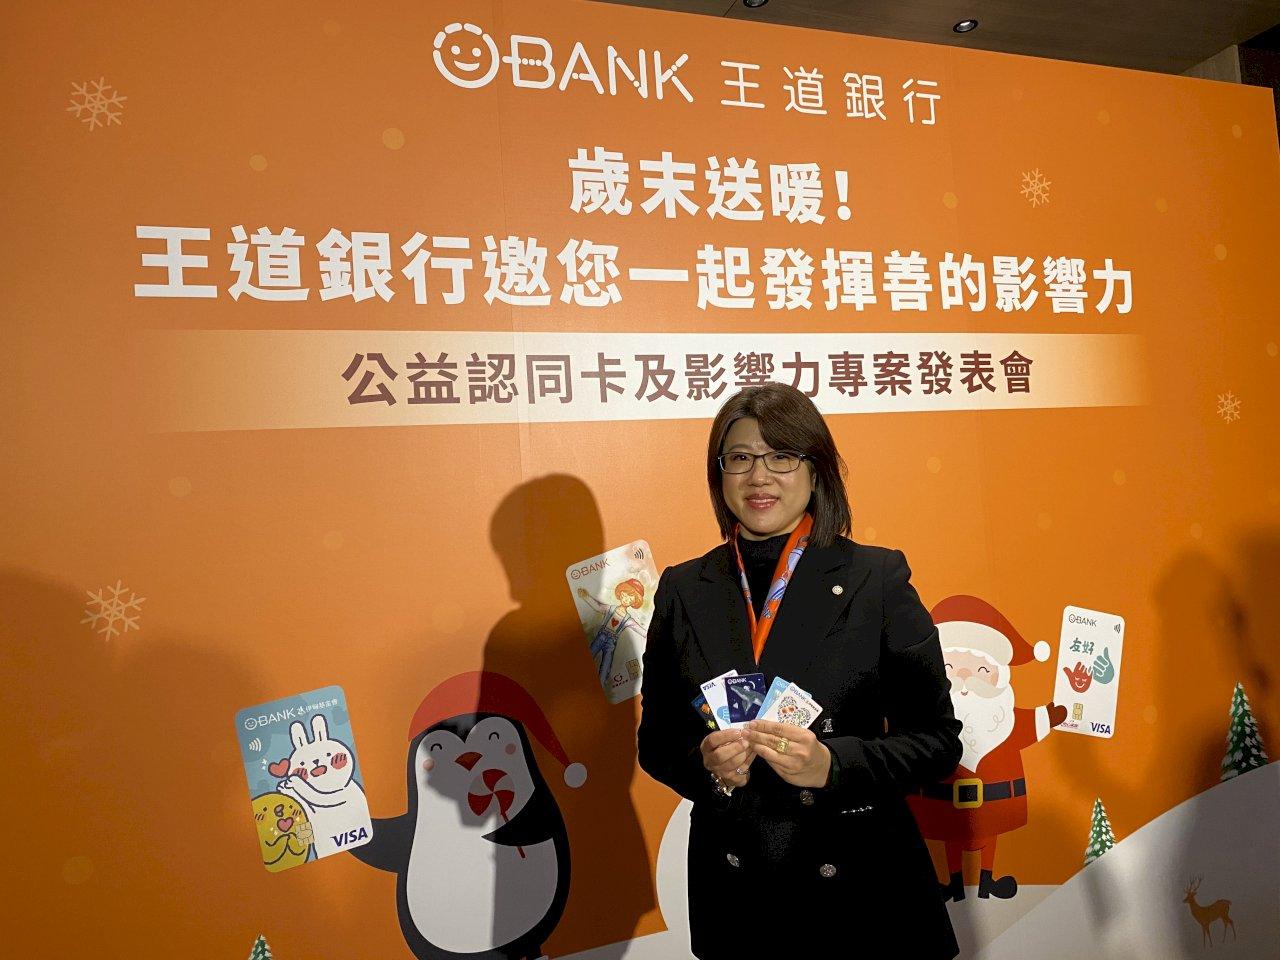 純網銀開業倒數 數位銀行始祖不起舞未來經營轉向